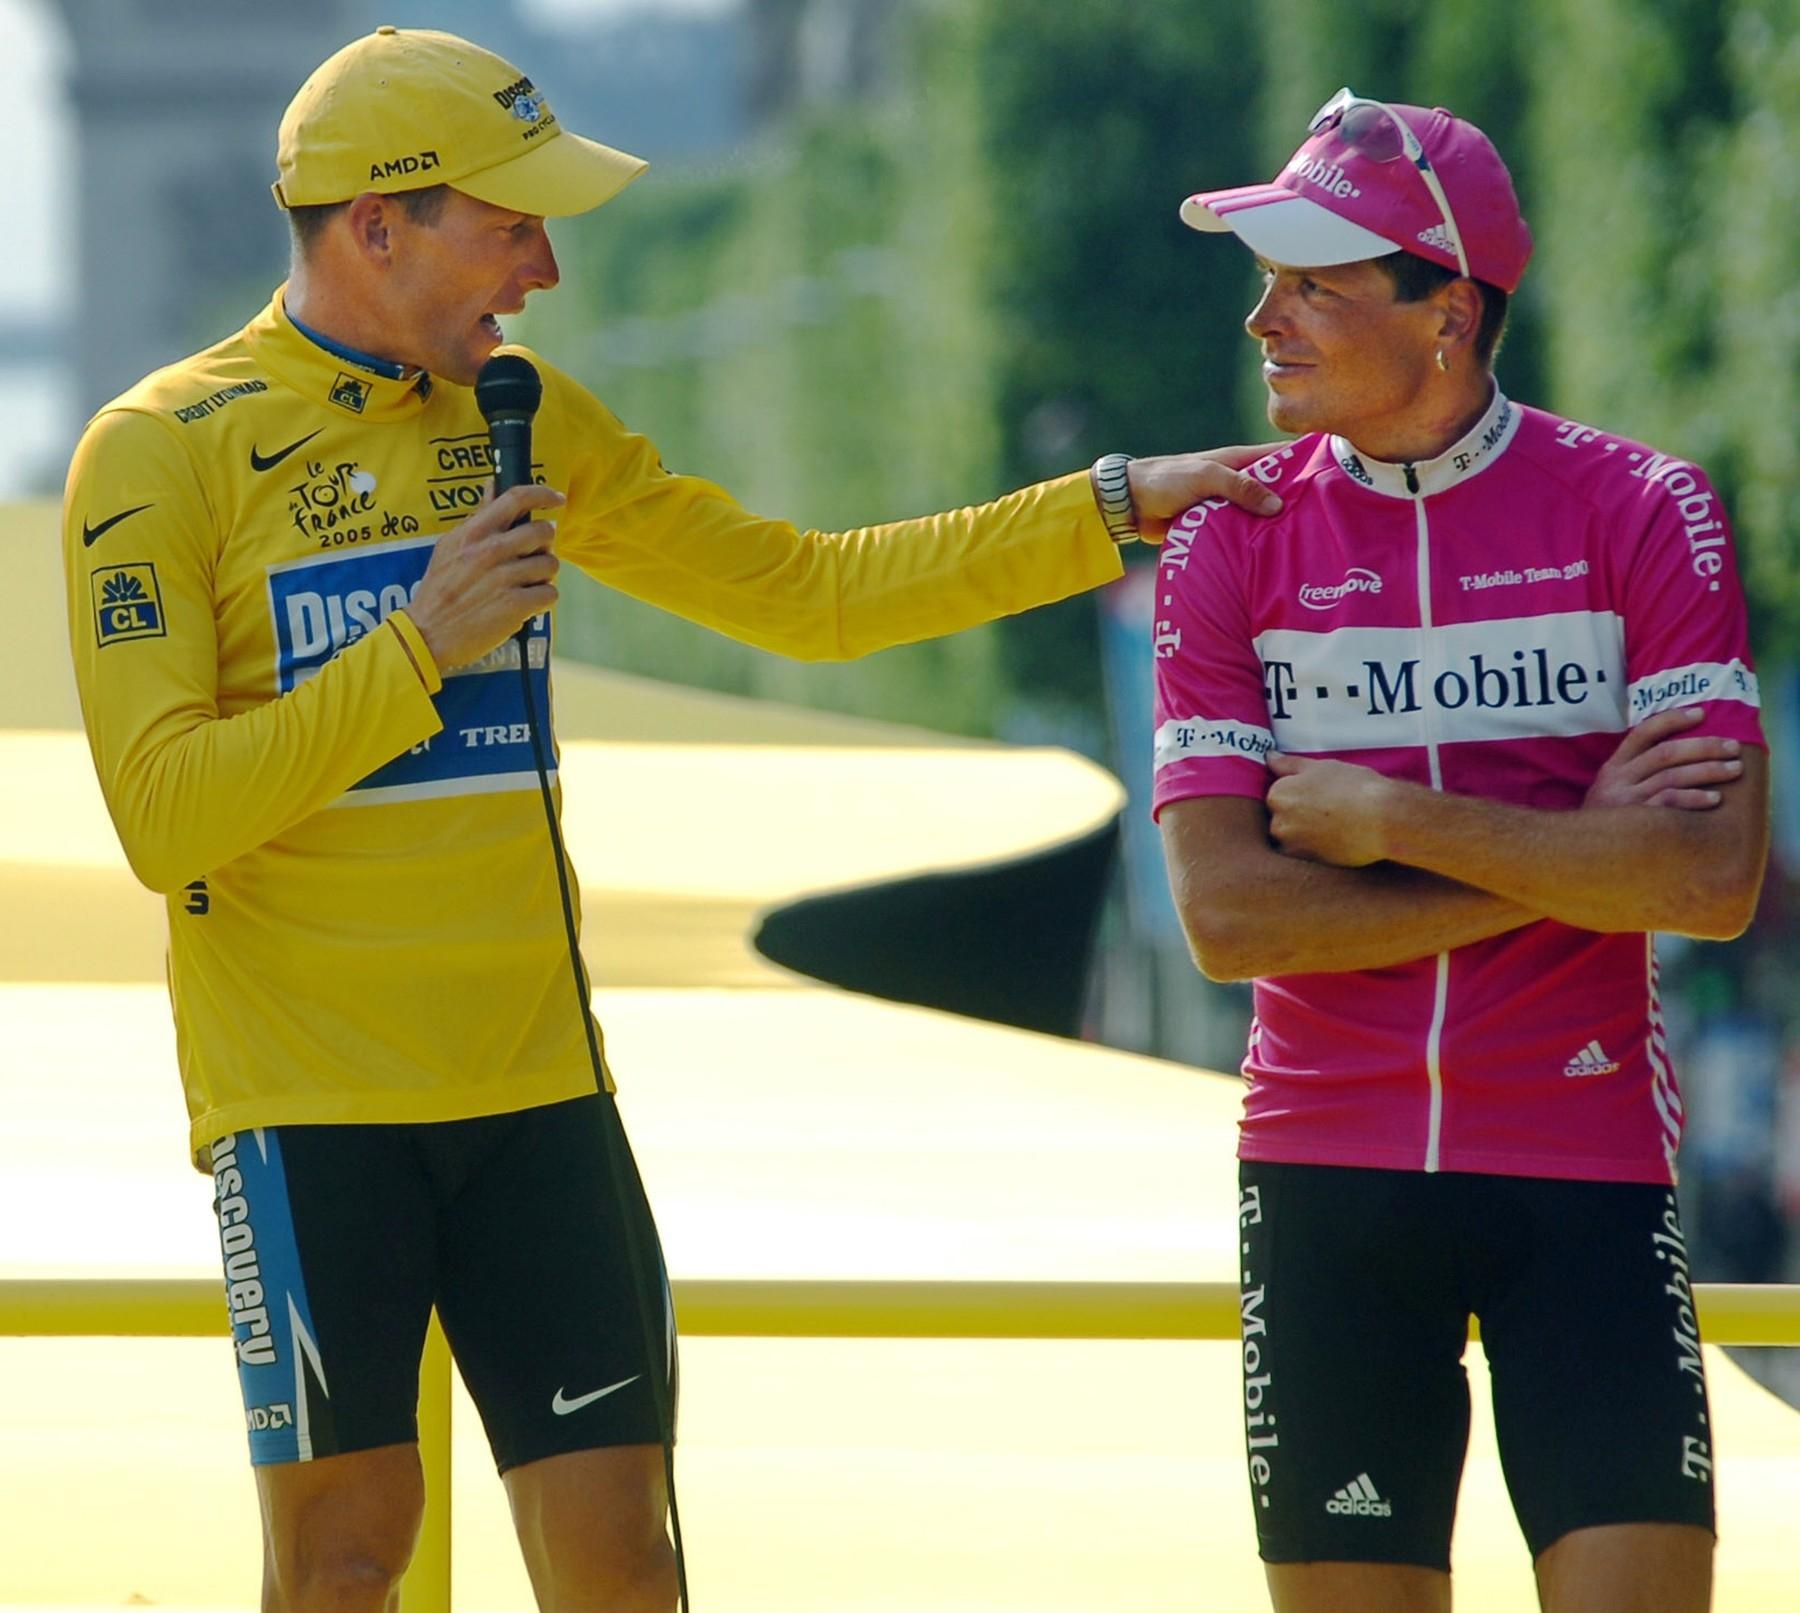 Lance Armstrong promlouvá ve žlutém trikotu vítěze Tour de France k Jan Ullrichovi. Foto: profimedia